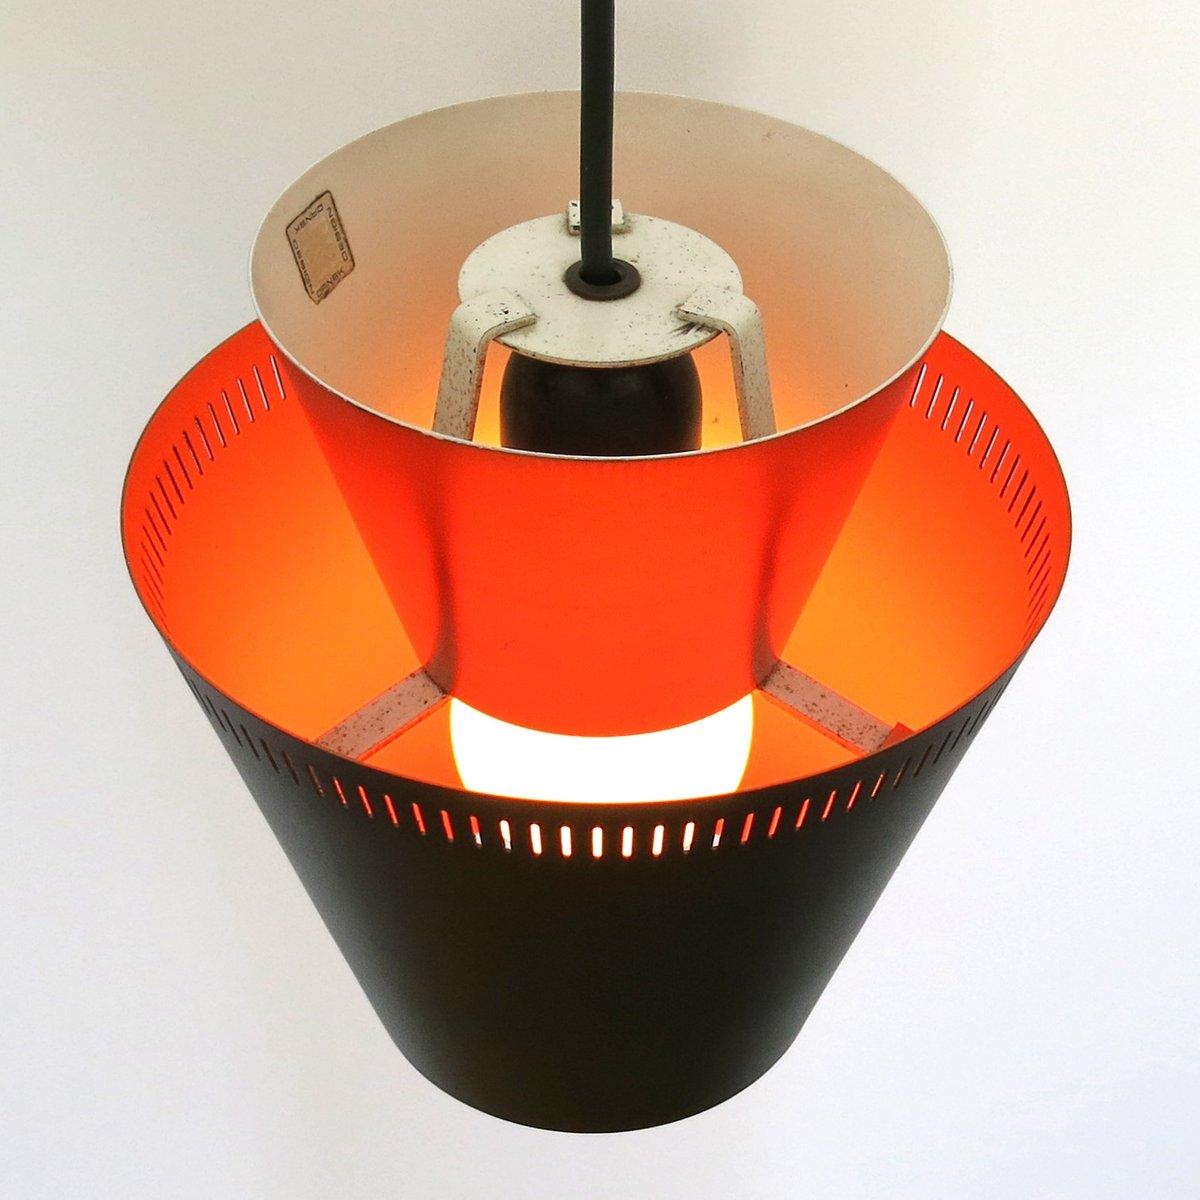 d nische mid century matador lampe von jo hammerborg f r fog m rup 1960er bei pamono kaufen. Black Bedroom Furniture Sets. Home Design Ideas